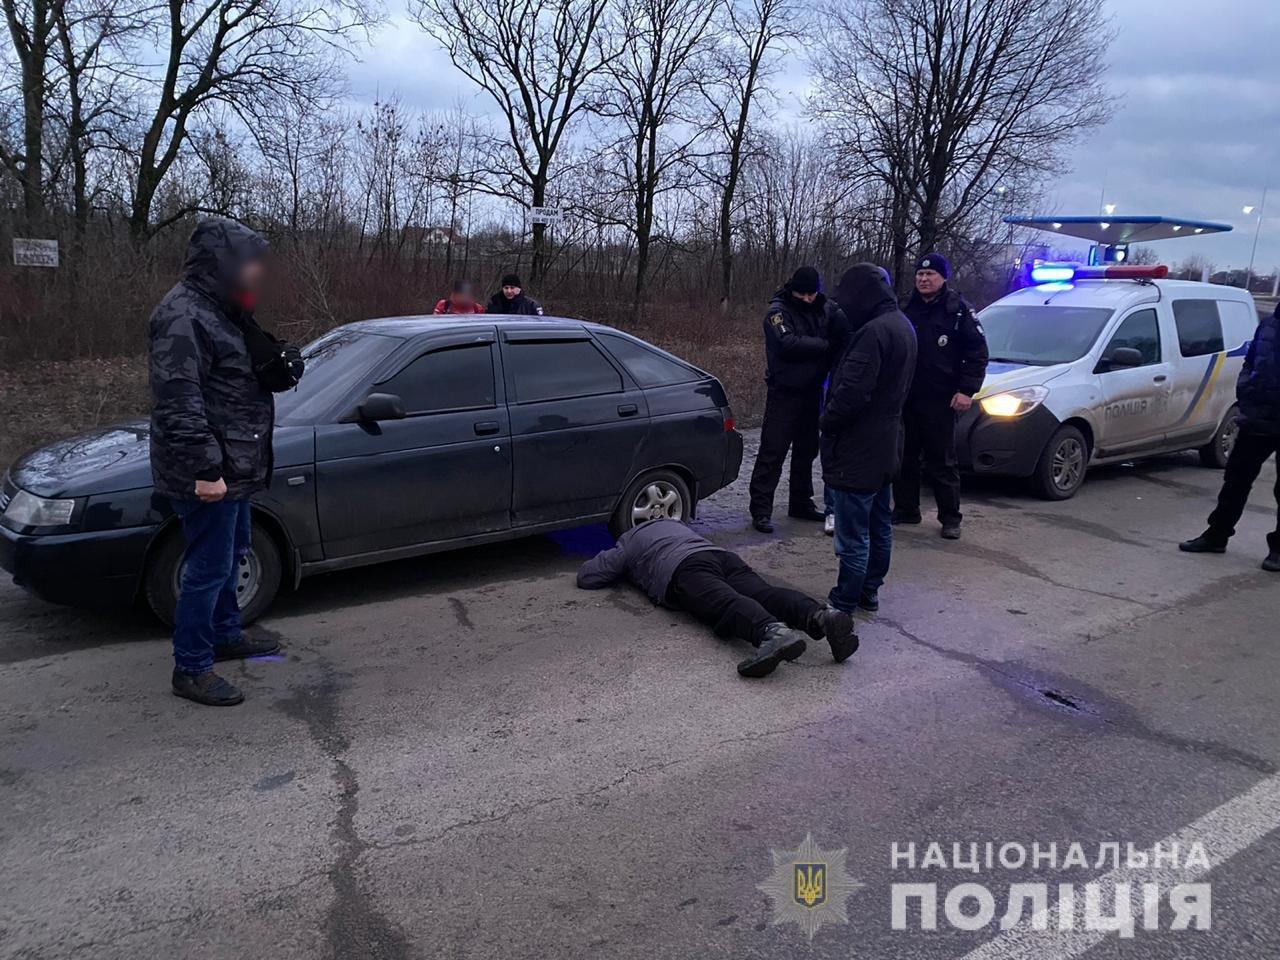 На Харьковщине полицейские задержали квартирных воров, - ФОТО, фото-3